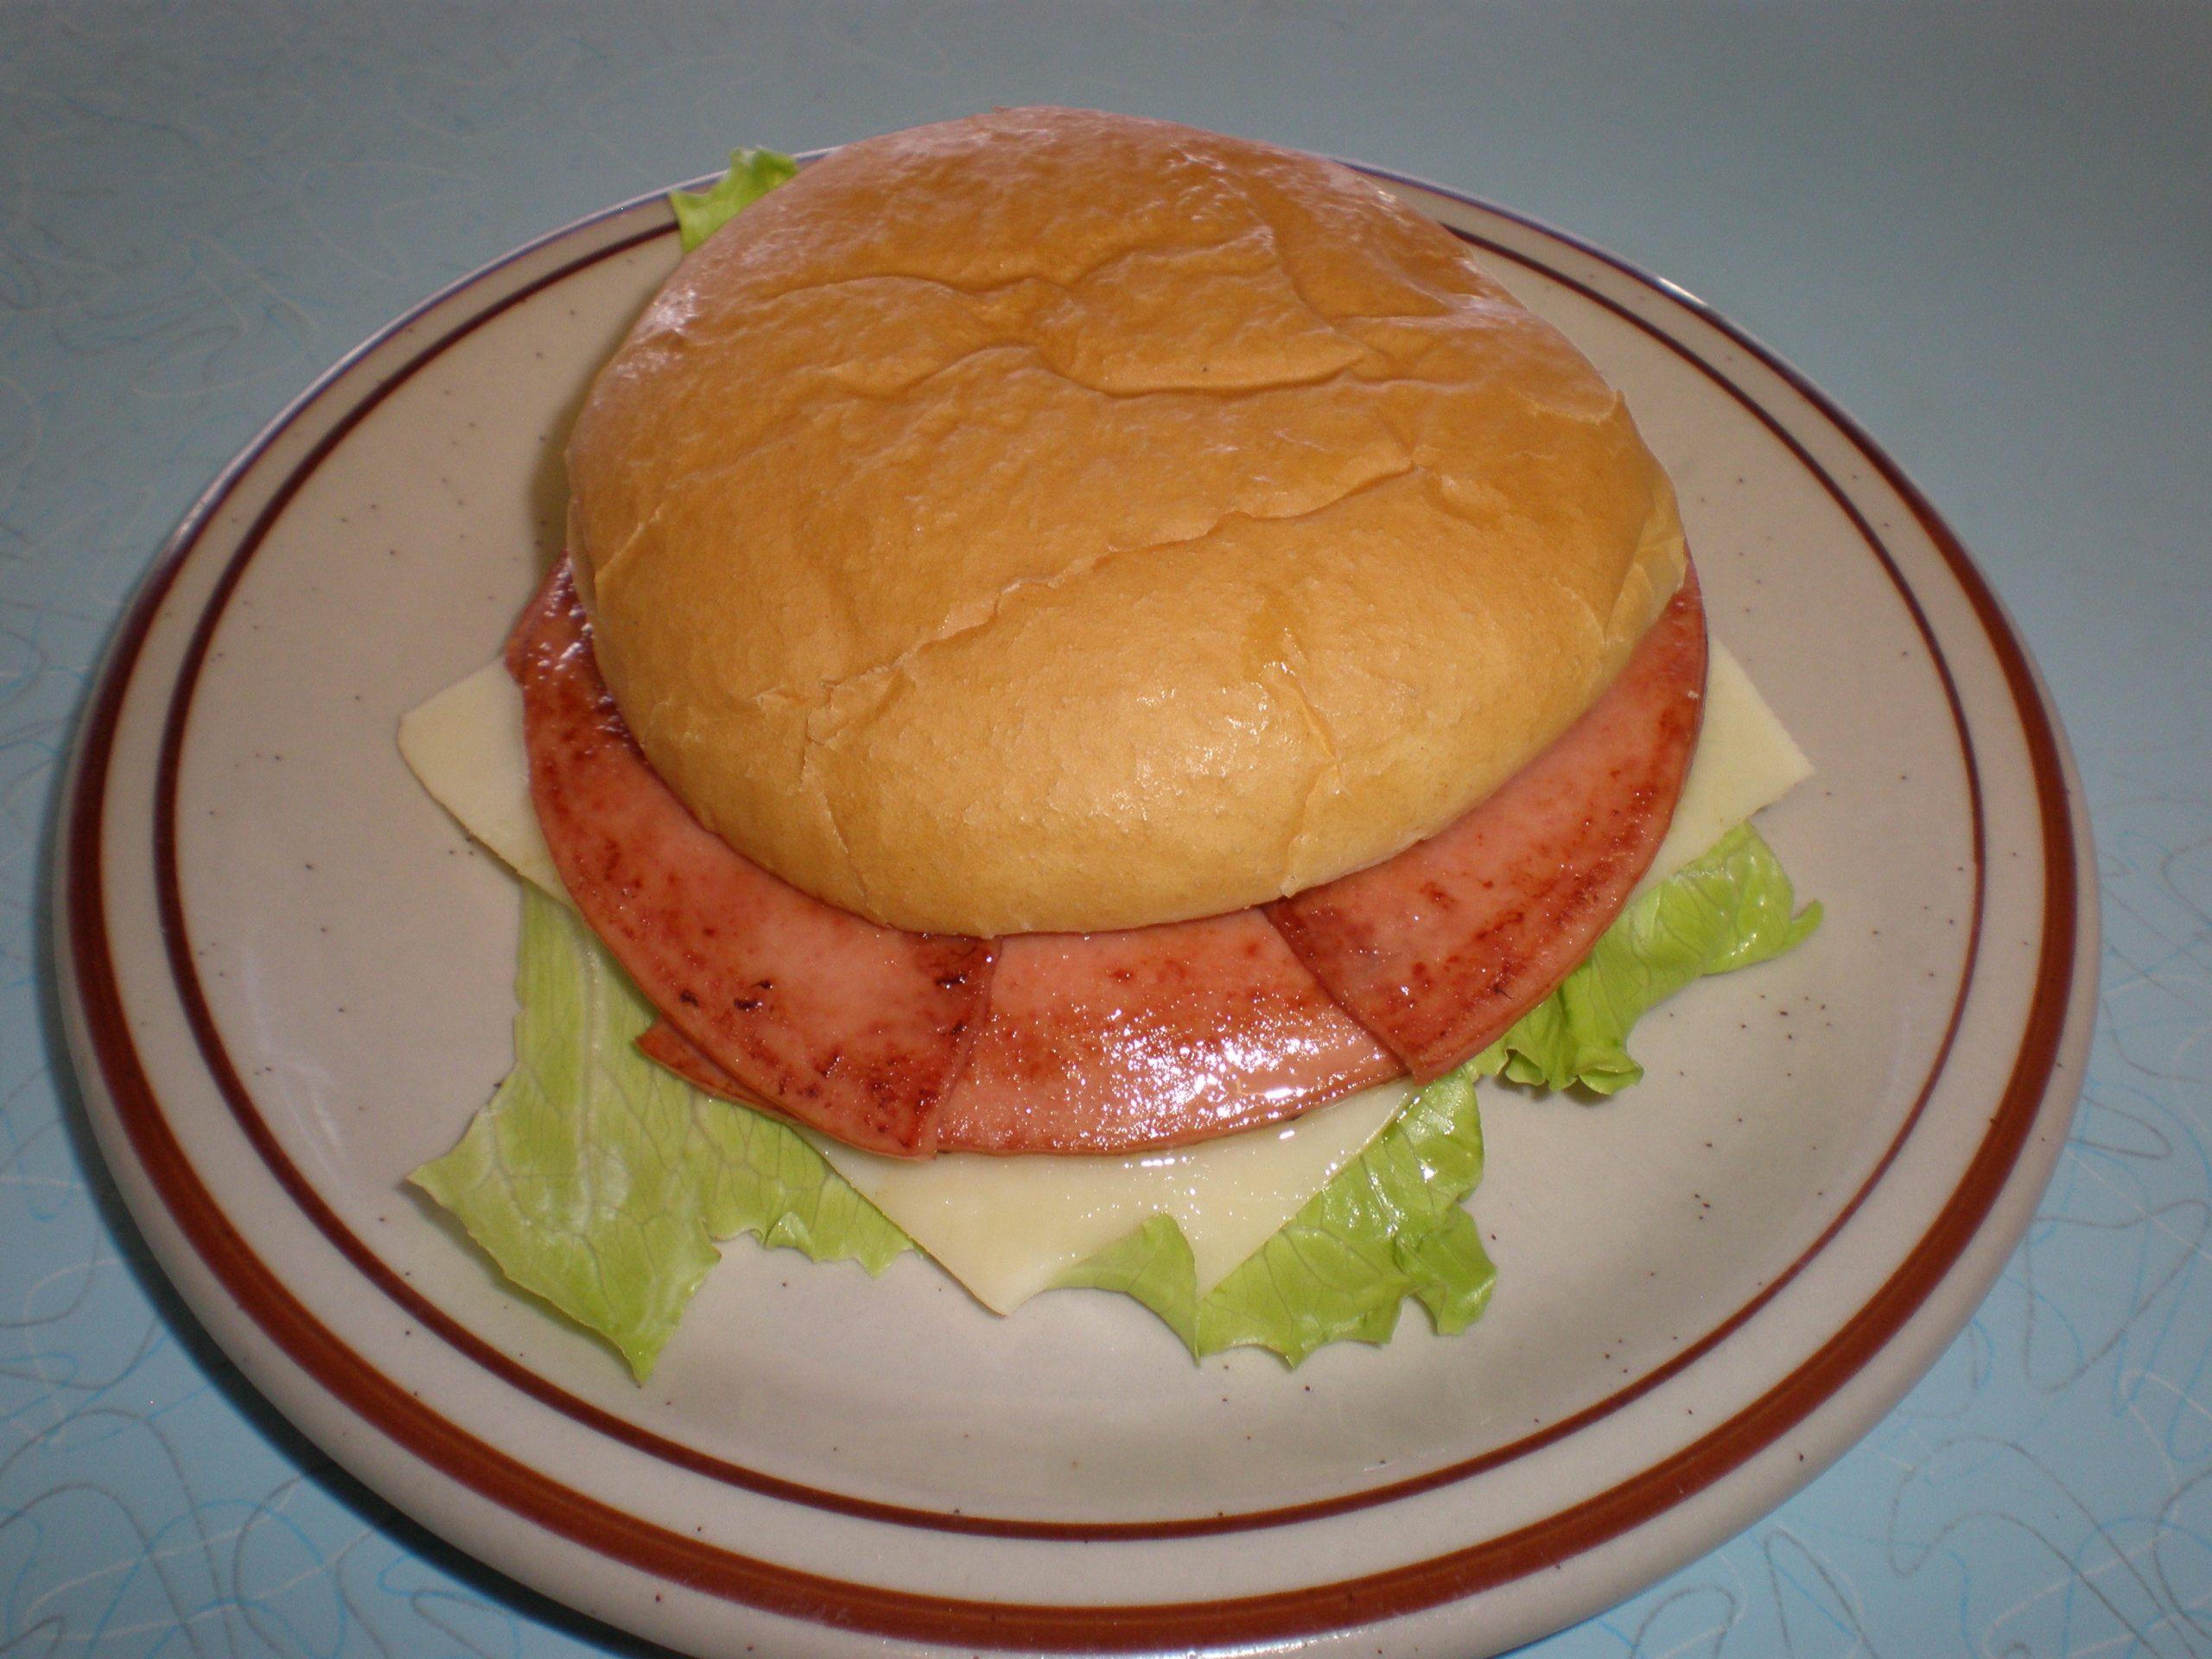 bolagna sandwich